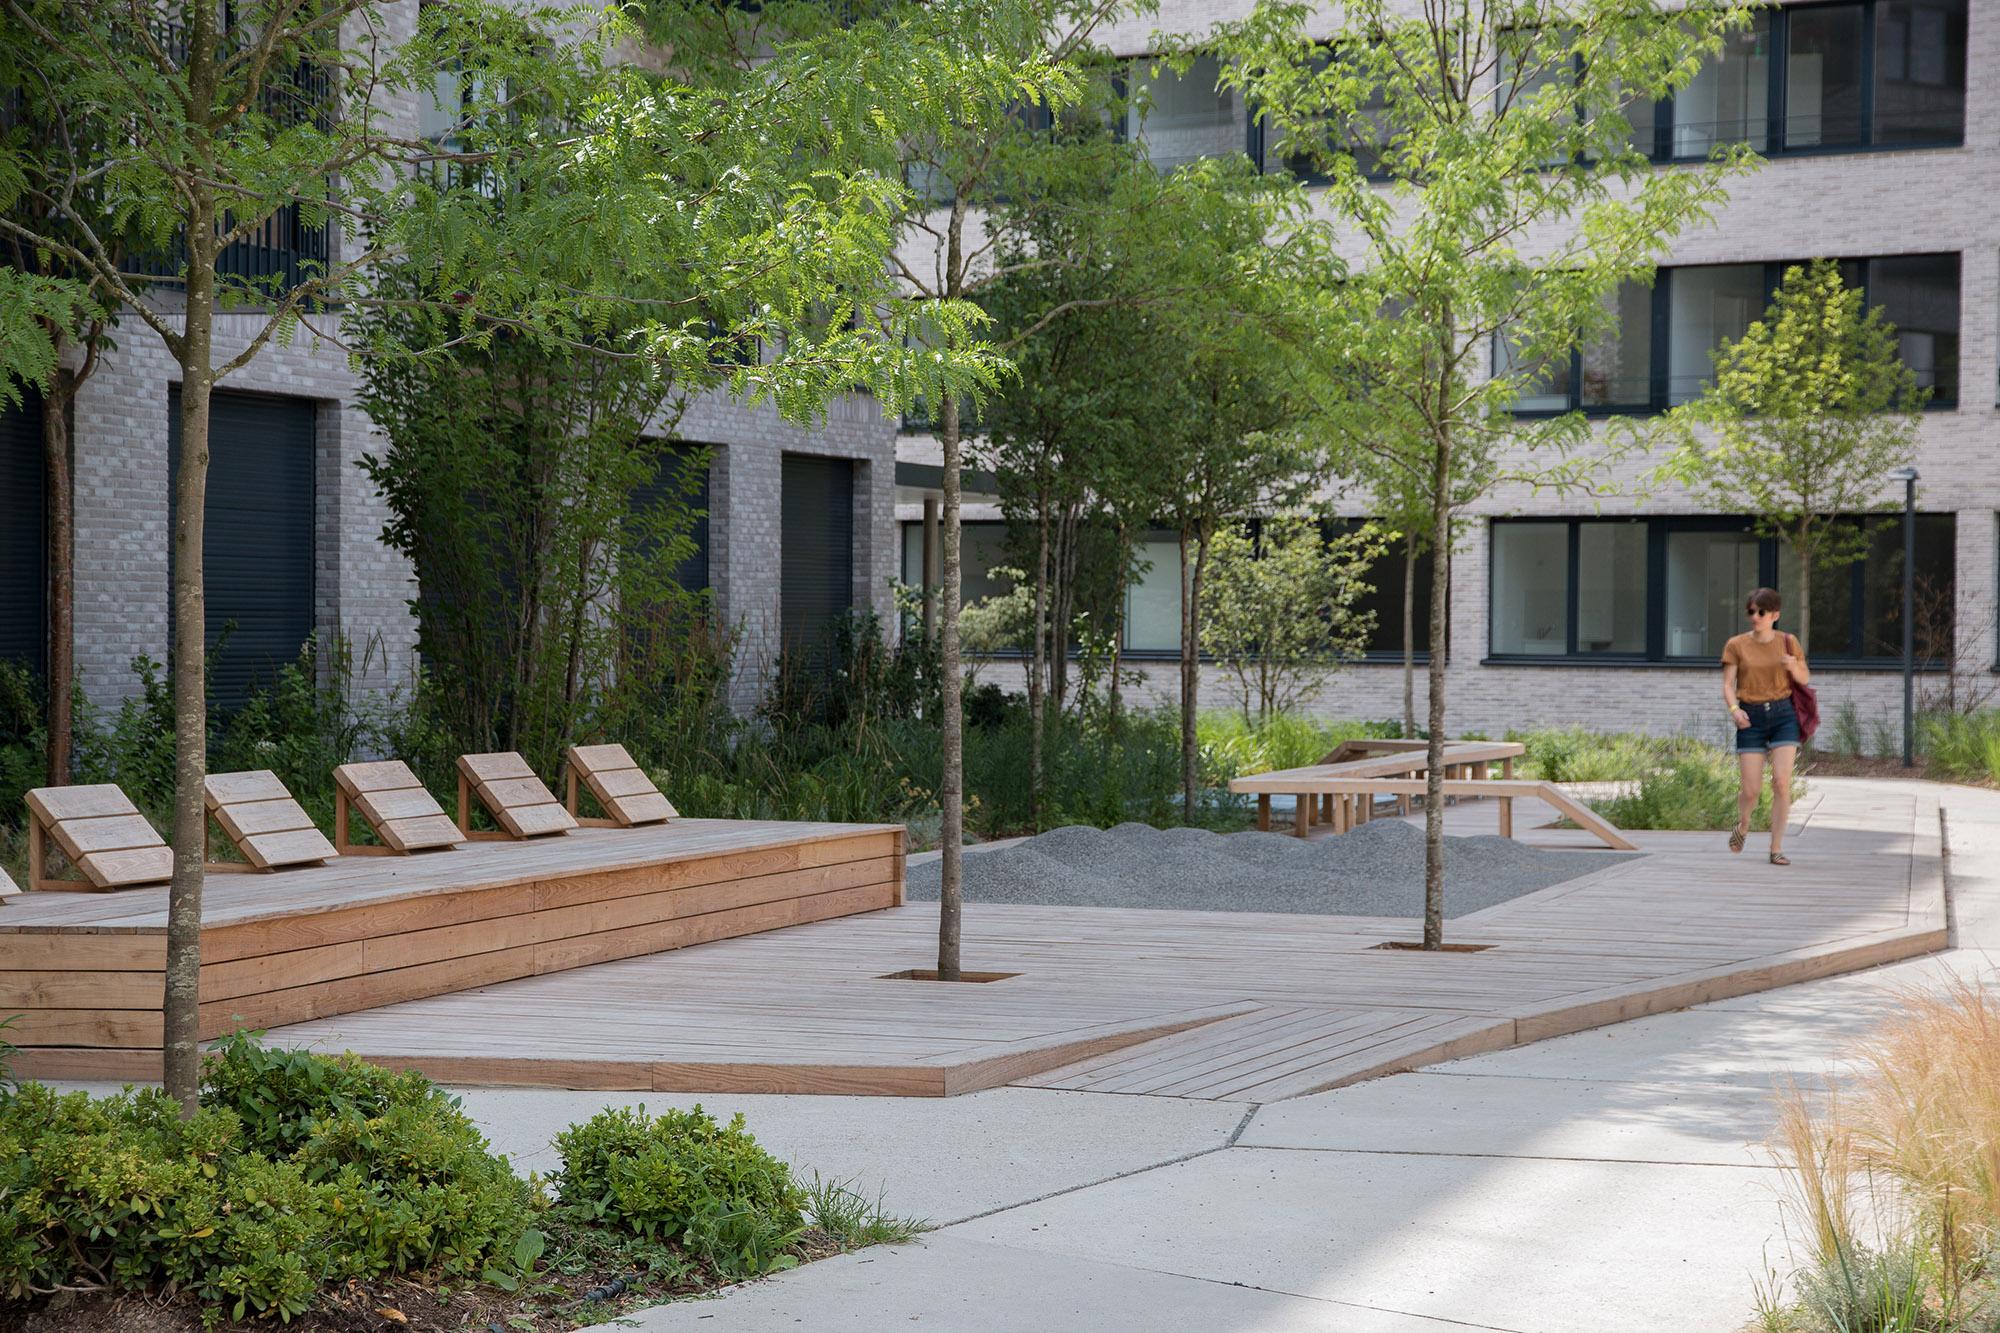 Le jardin communautaire et son deck - Opération - Pantin Canal - Emerige